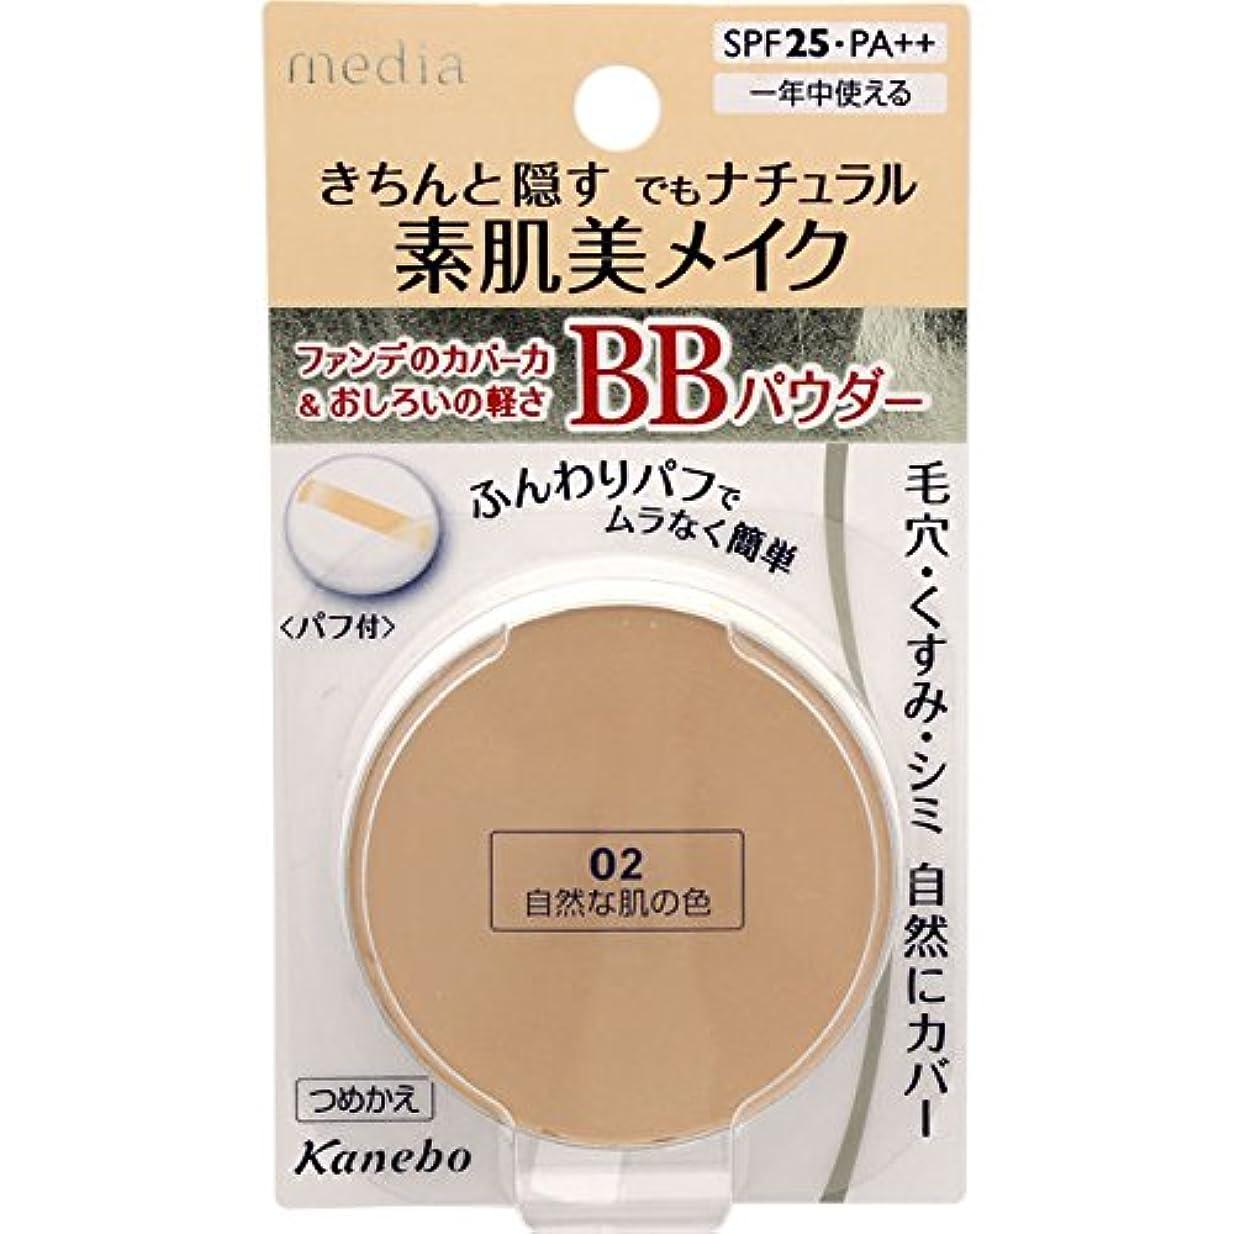 むちゃくちゃしなければならない動脈メディアBBパウダー02(自然な肌の色)×3